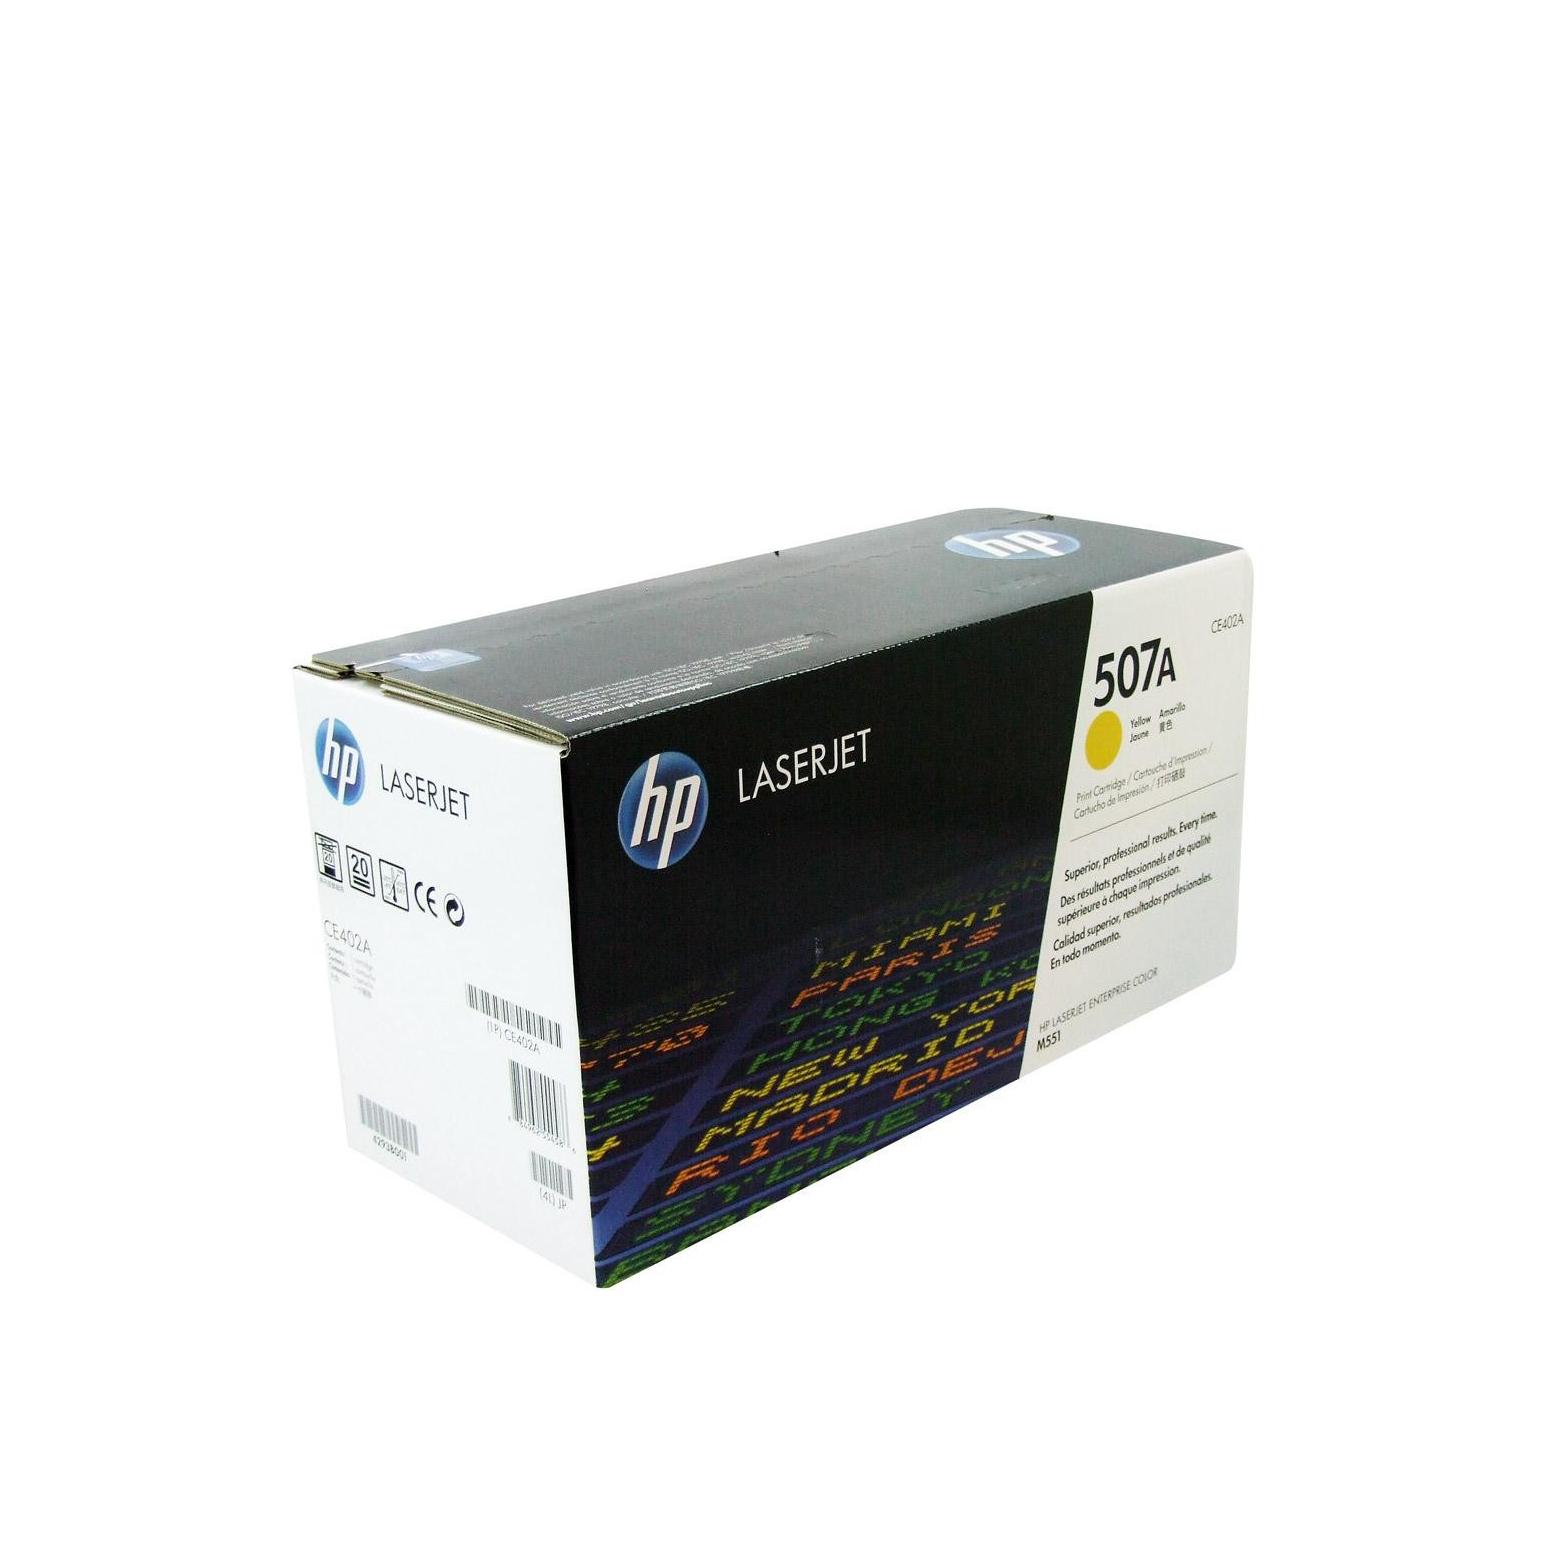 Лазерный картридж 507A CE402A